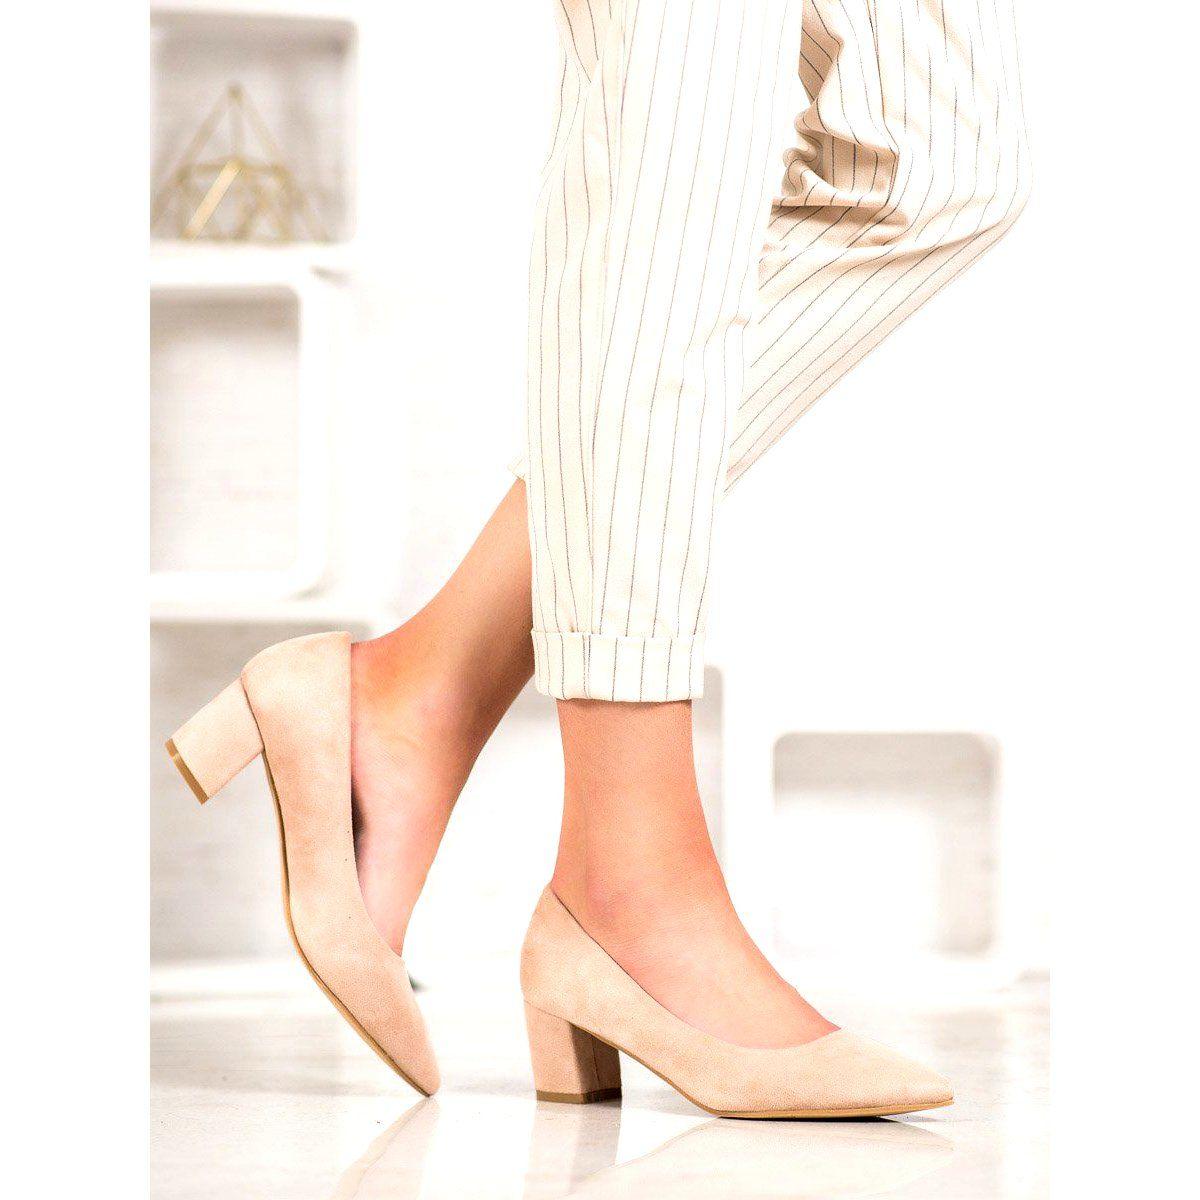 Small Swan Wygodne Zamszowe Czolenka Brazowe Heels Shoes Mule Shoe